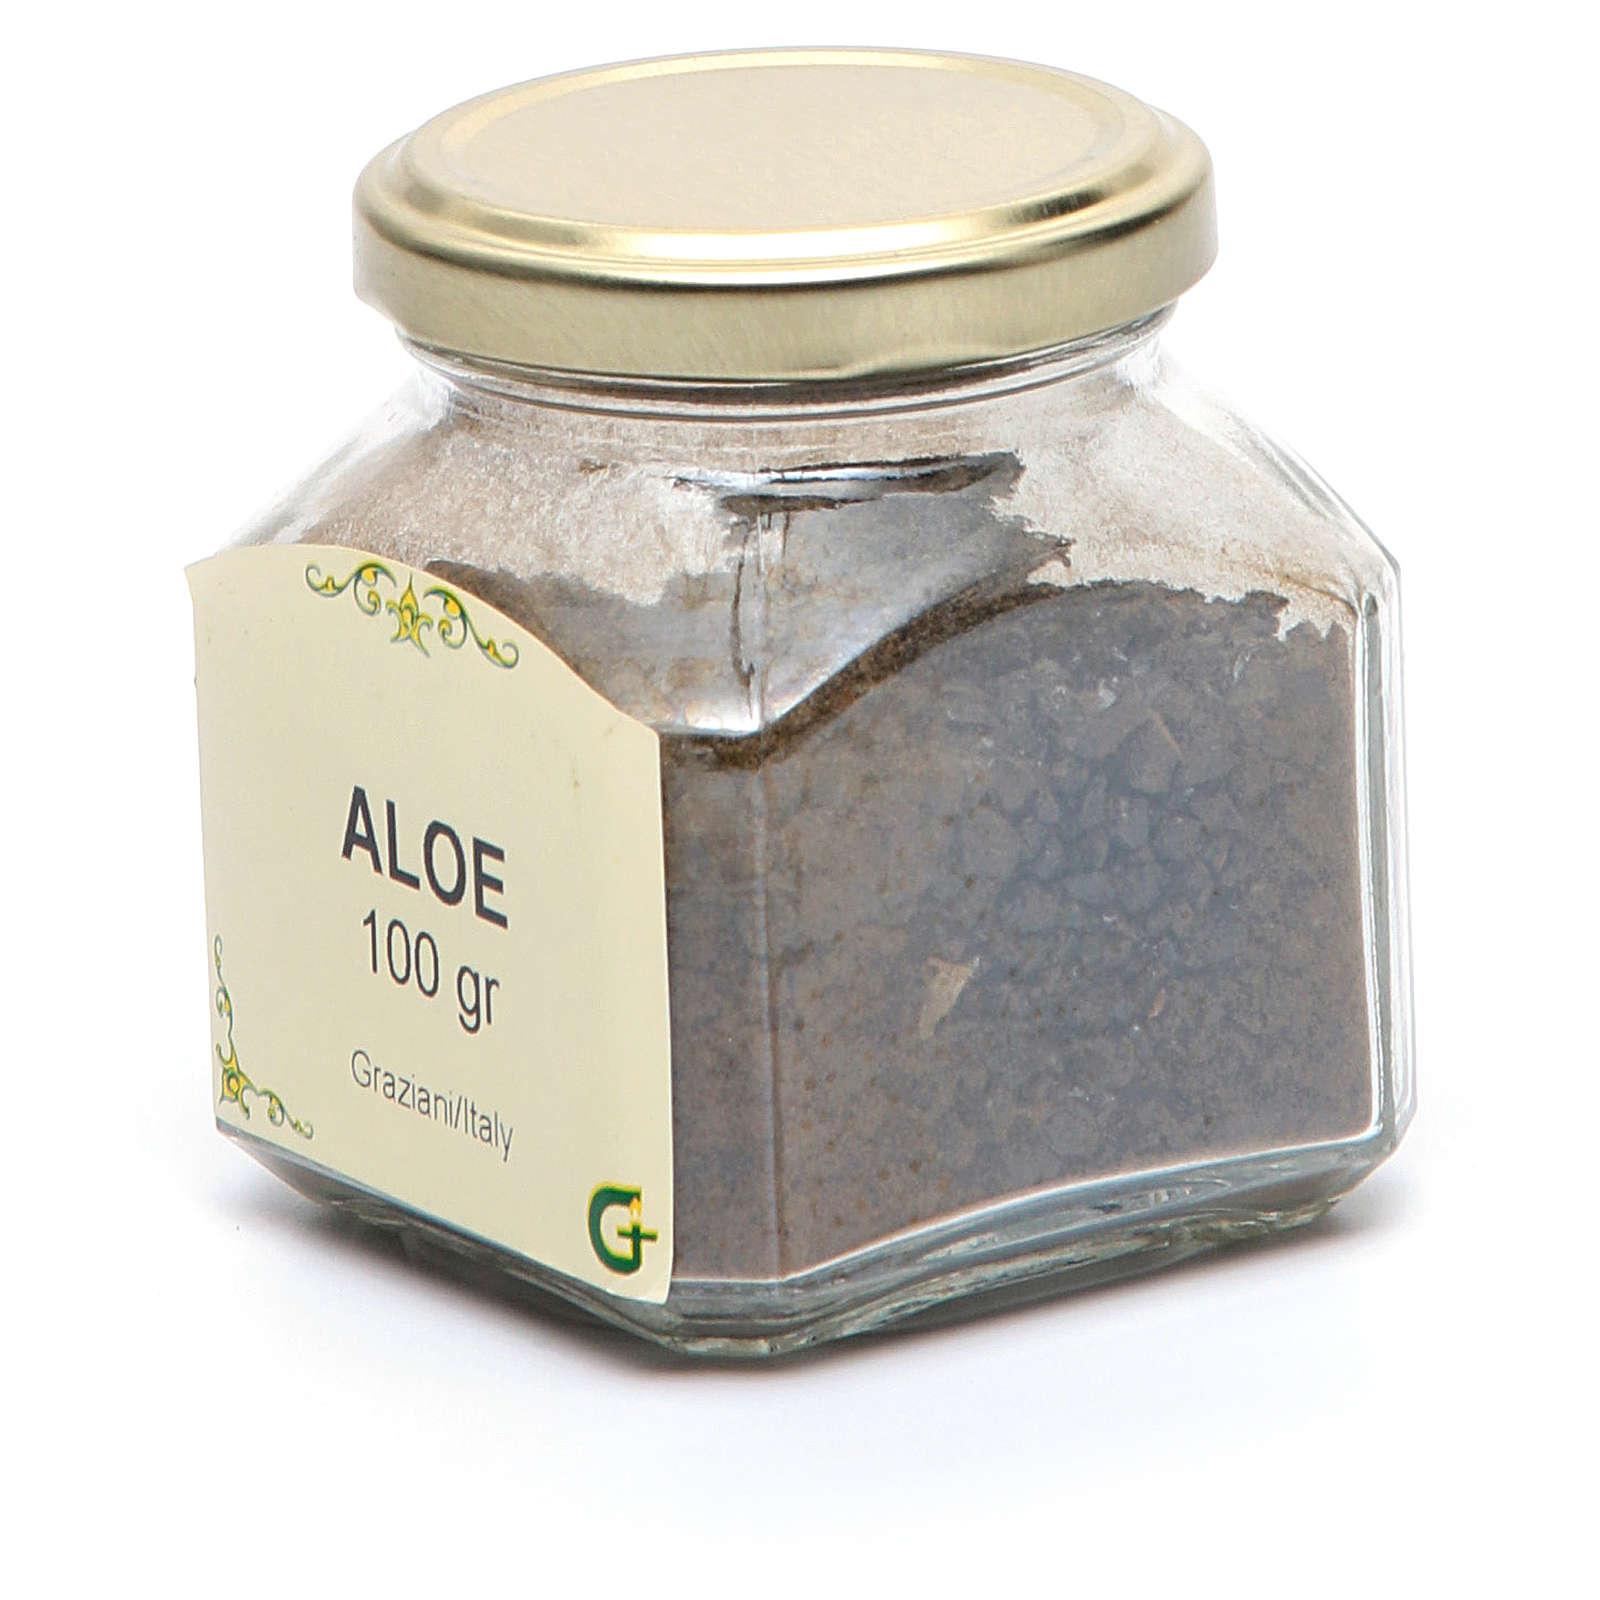 Aloe 3